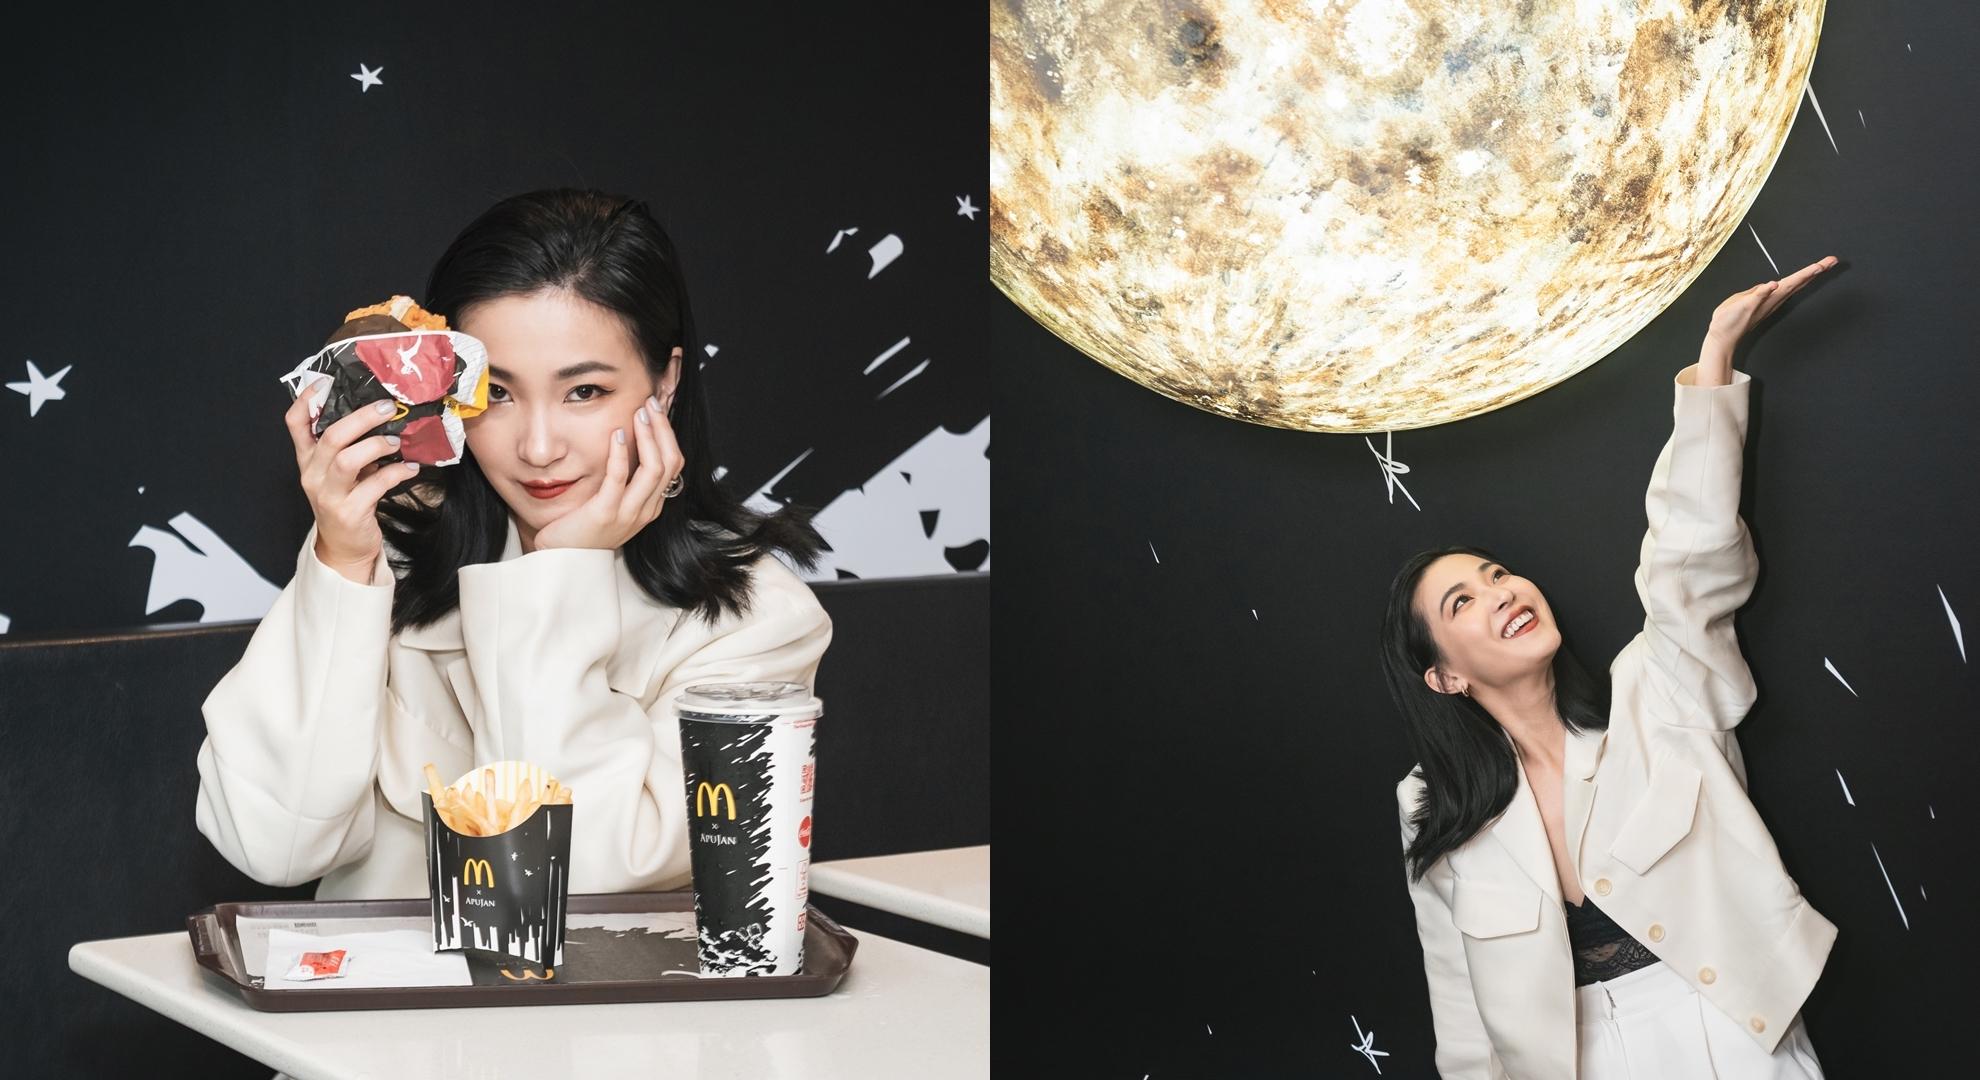 來這裡還不拍爆?「麥當勞 X APUJAN」期間限定極黑宇宙,黑魂控專屬打卡點這樣拍就對了!